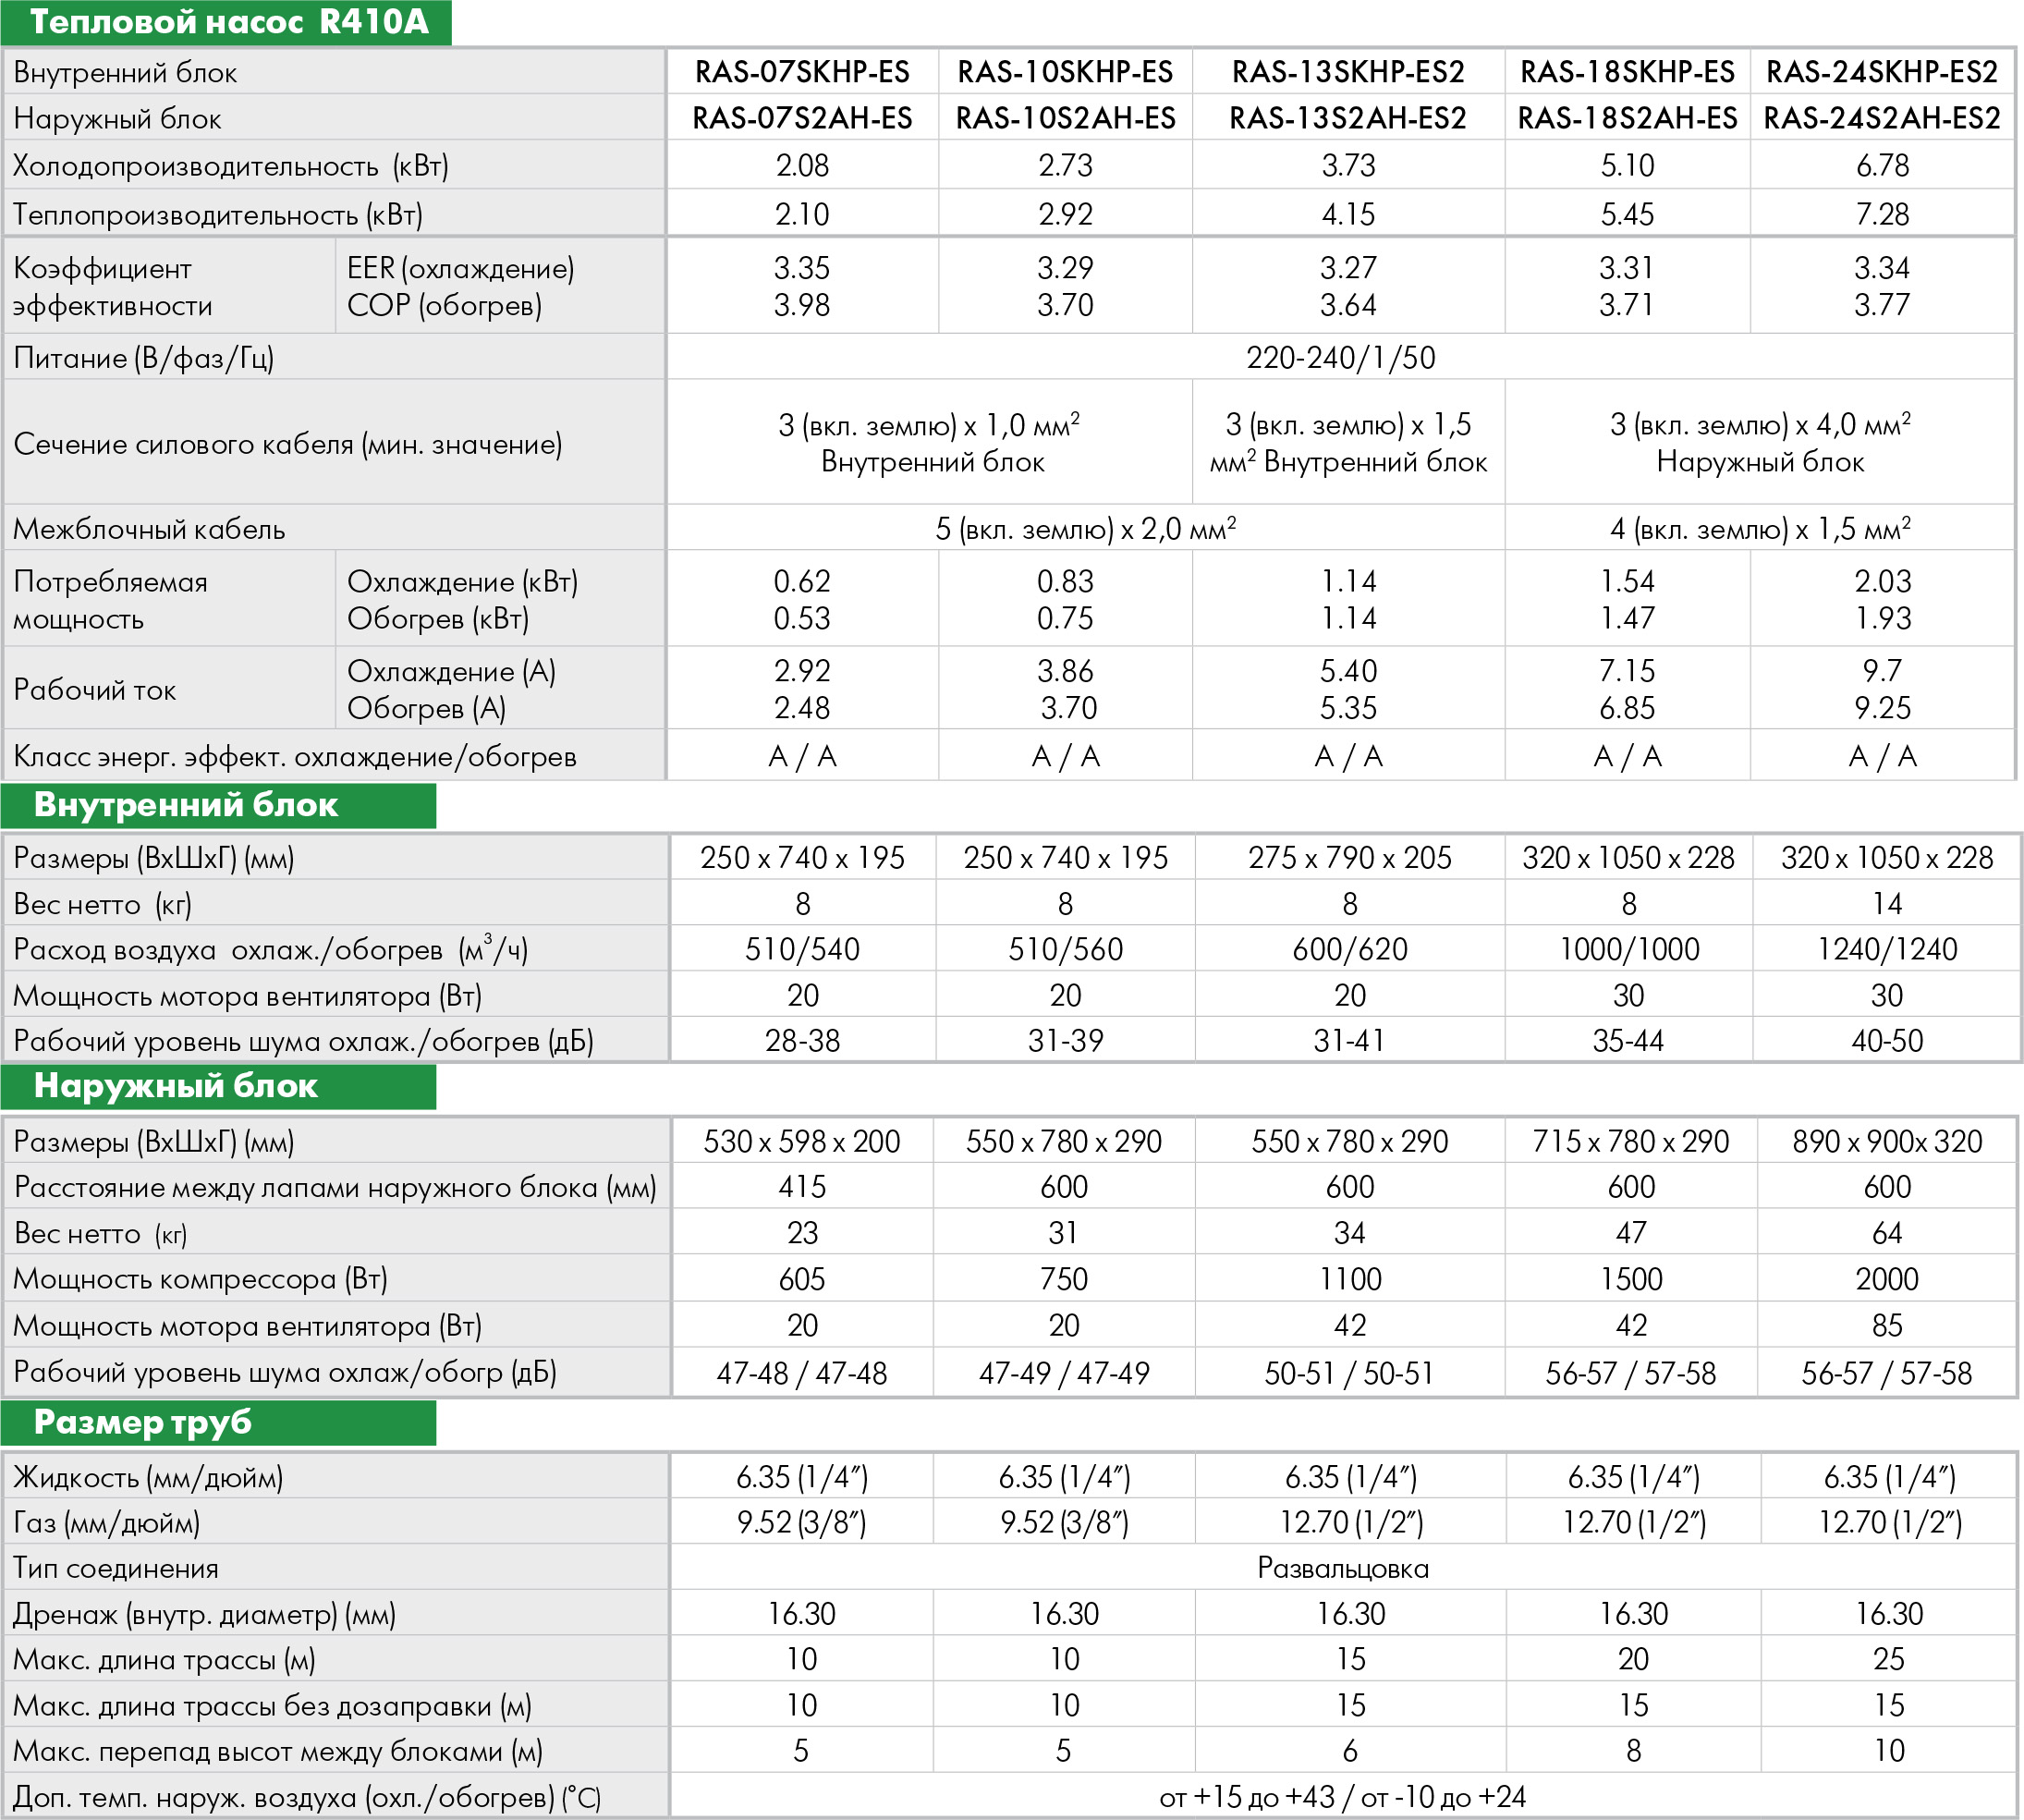 Технические характеристики кондиционера Toshiba RAS-18S3KHS-EE / RAS-18S3AHS-EE серии SKHP